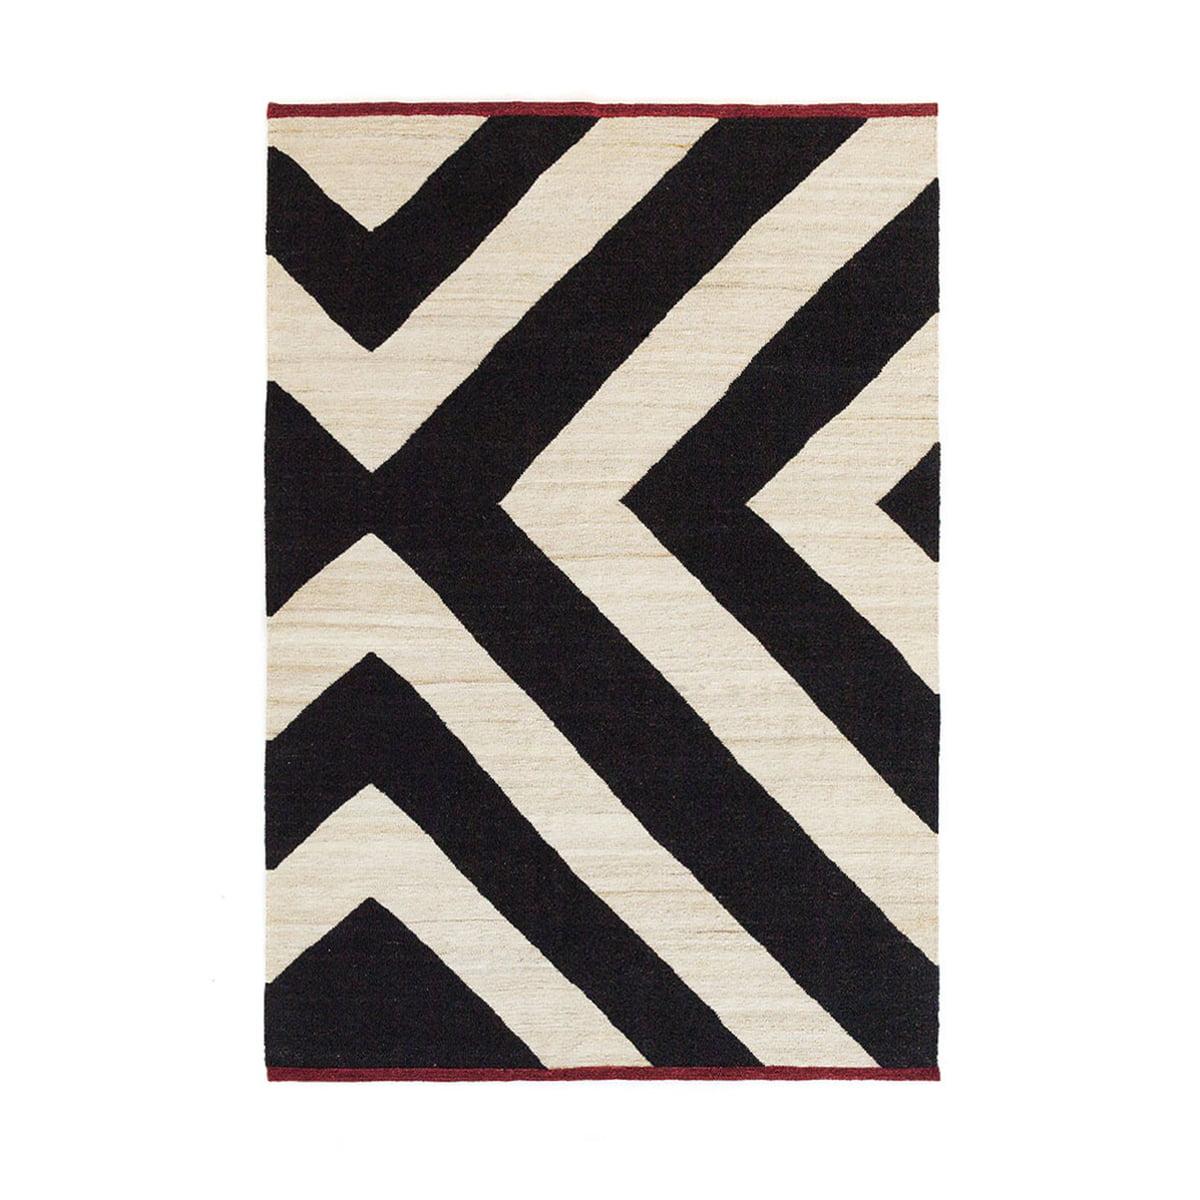 m lange zoom rug by nanimarquina. Black Bedroom Furniture Sets. Home Design Ideas